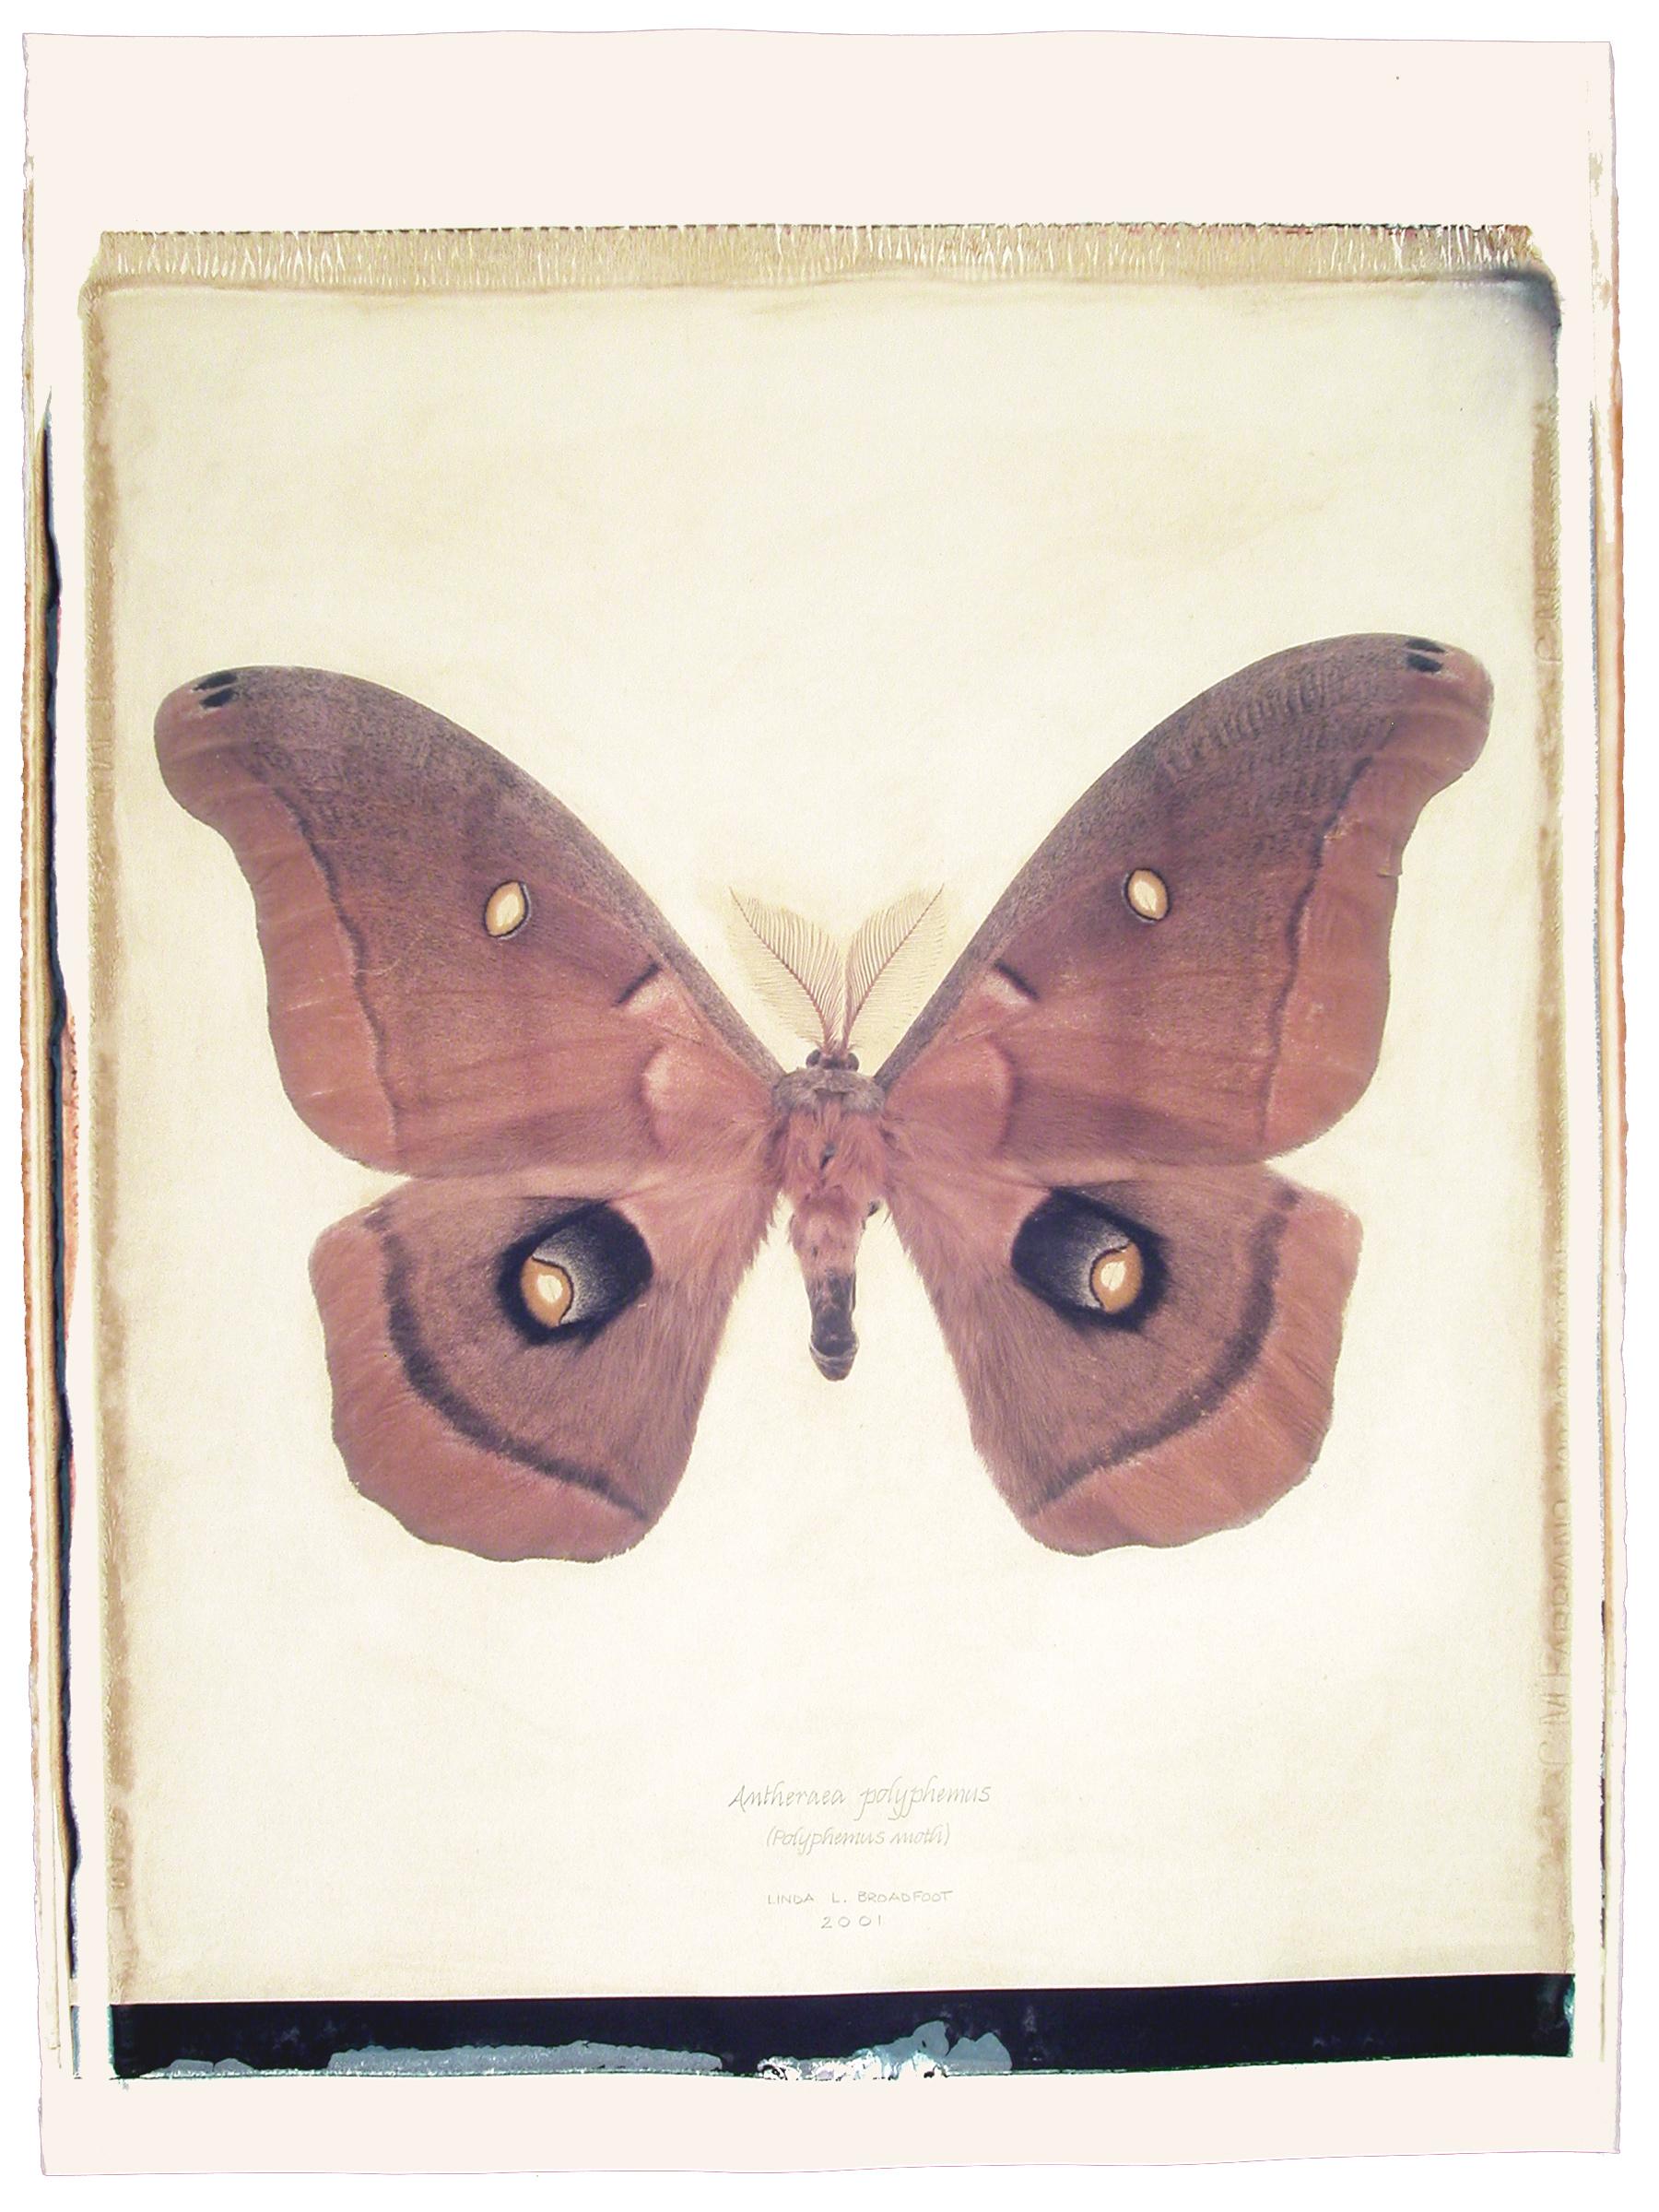 Antheraea polyphemus  (Polyphemus Moth), 2001